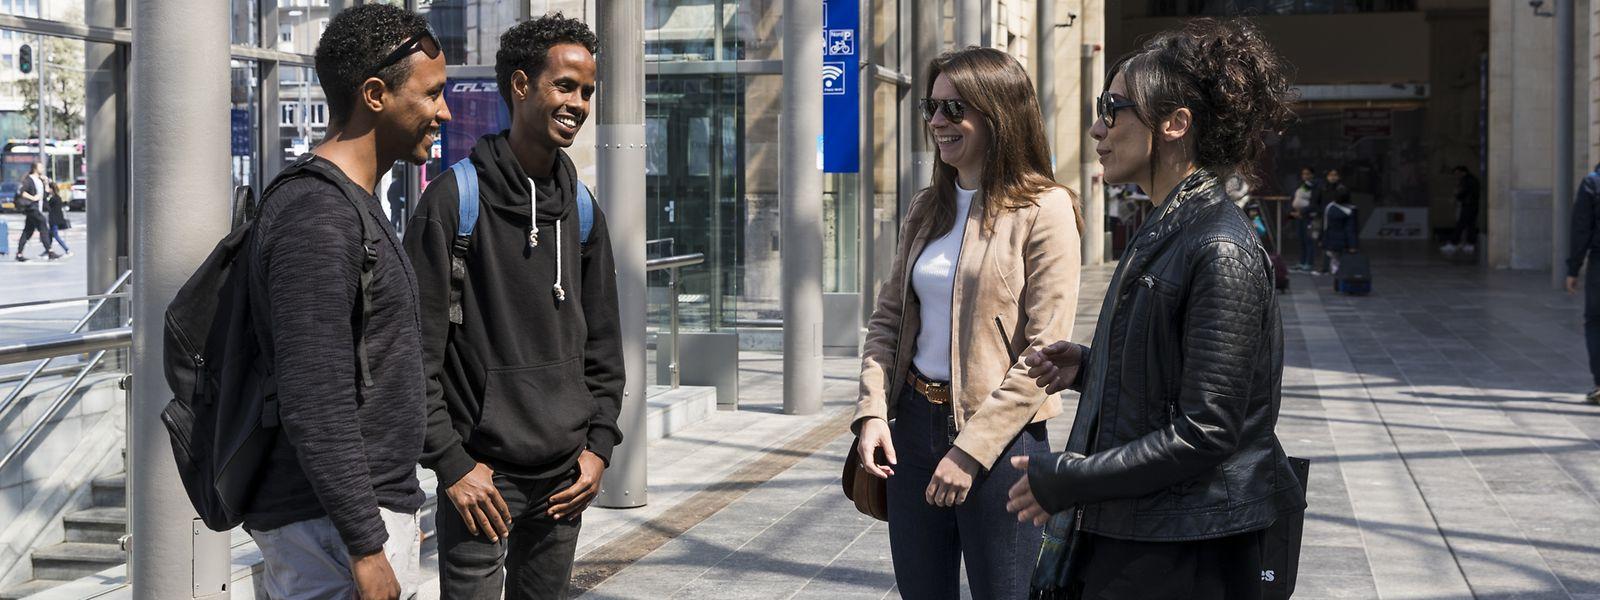 L'asbl RYSE aide actuellement une trentaine de réfugiés à intégrer le monde professionnel au Luxembourg. Ici, Matiwos Brhane (à gauche) et Danay Haile.